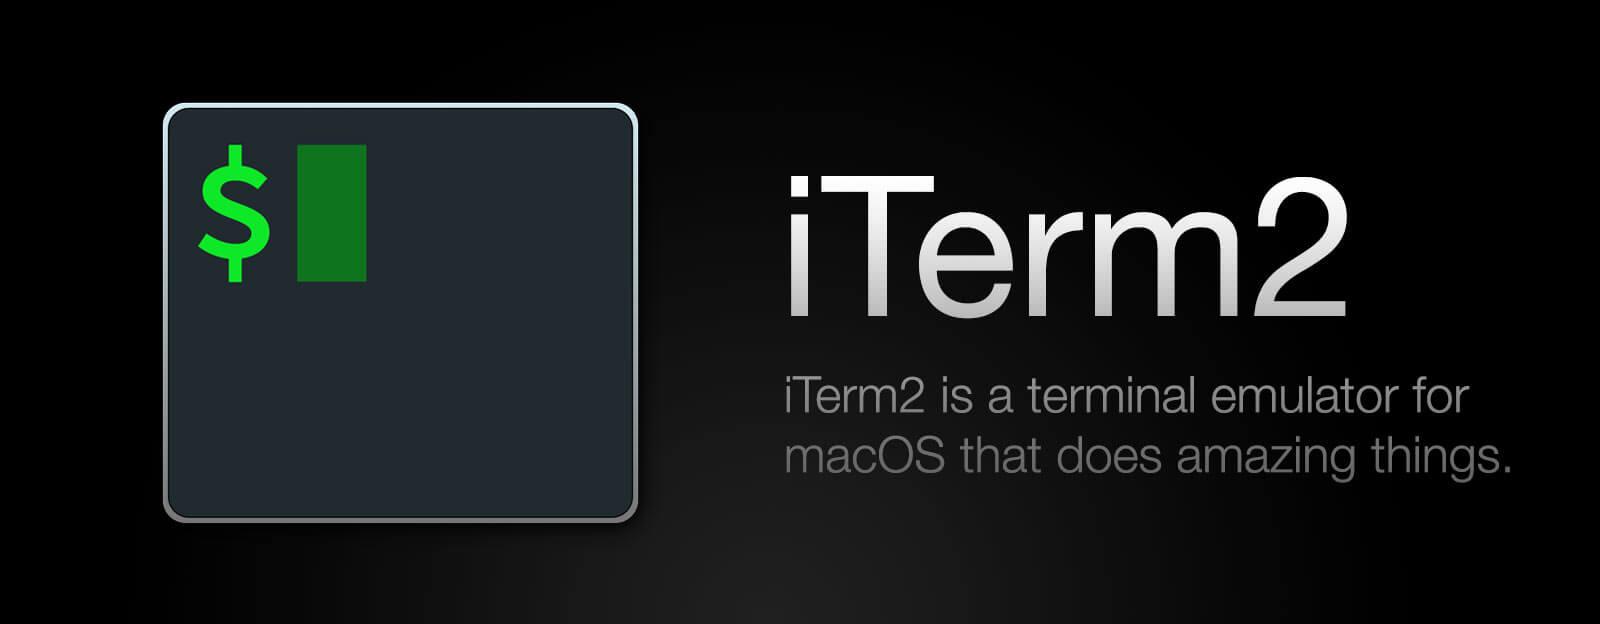 iTerm2.dmg